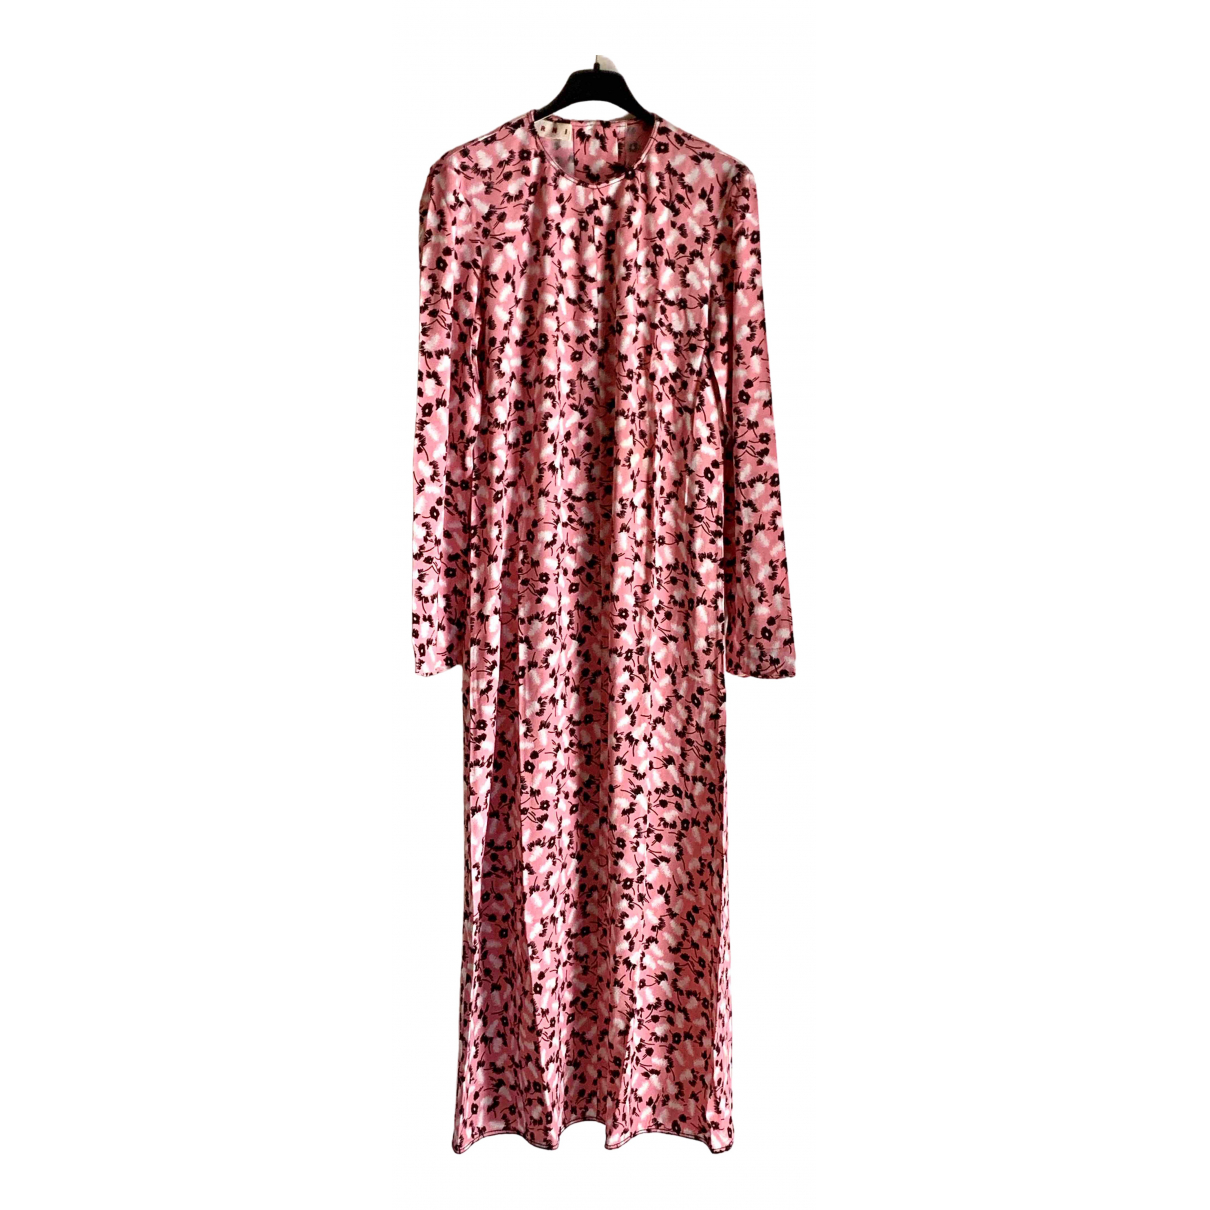 Marni \N Kleid in  Rosa Viskose